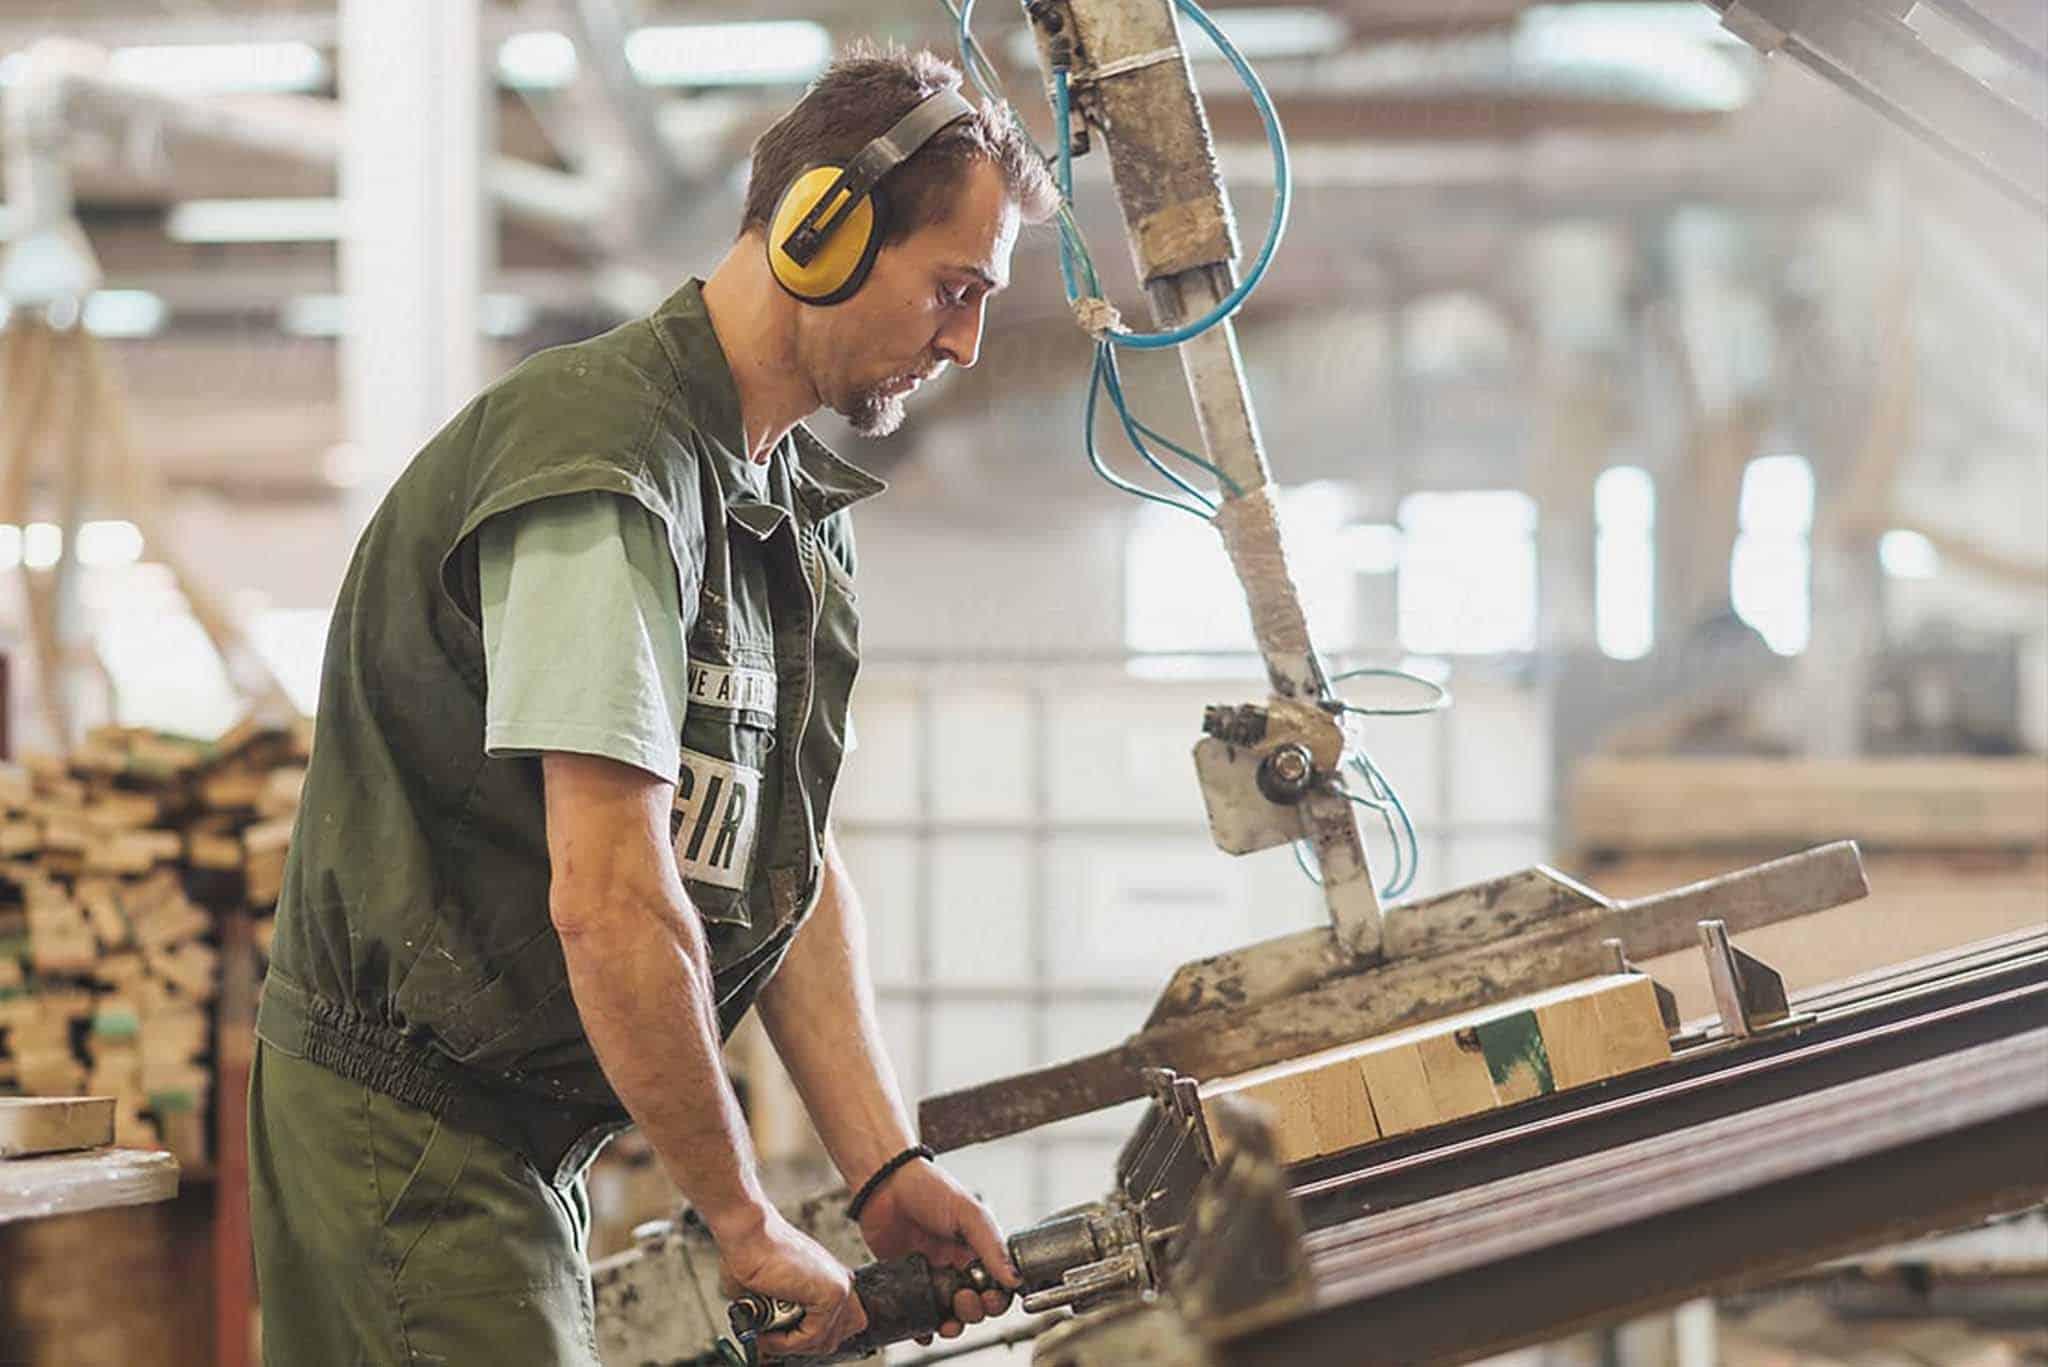 Poszukiwana osoba nafabrykę drzwi iokien drewnianych | HR KONO Outsourcing